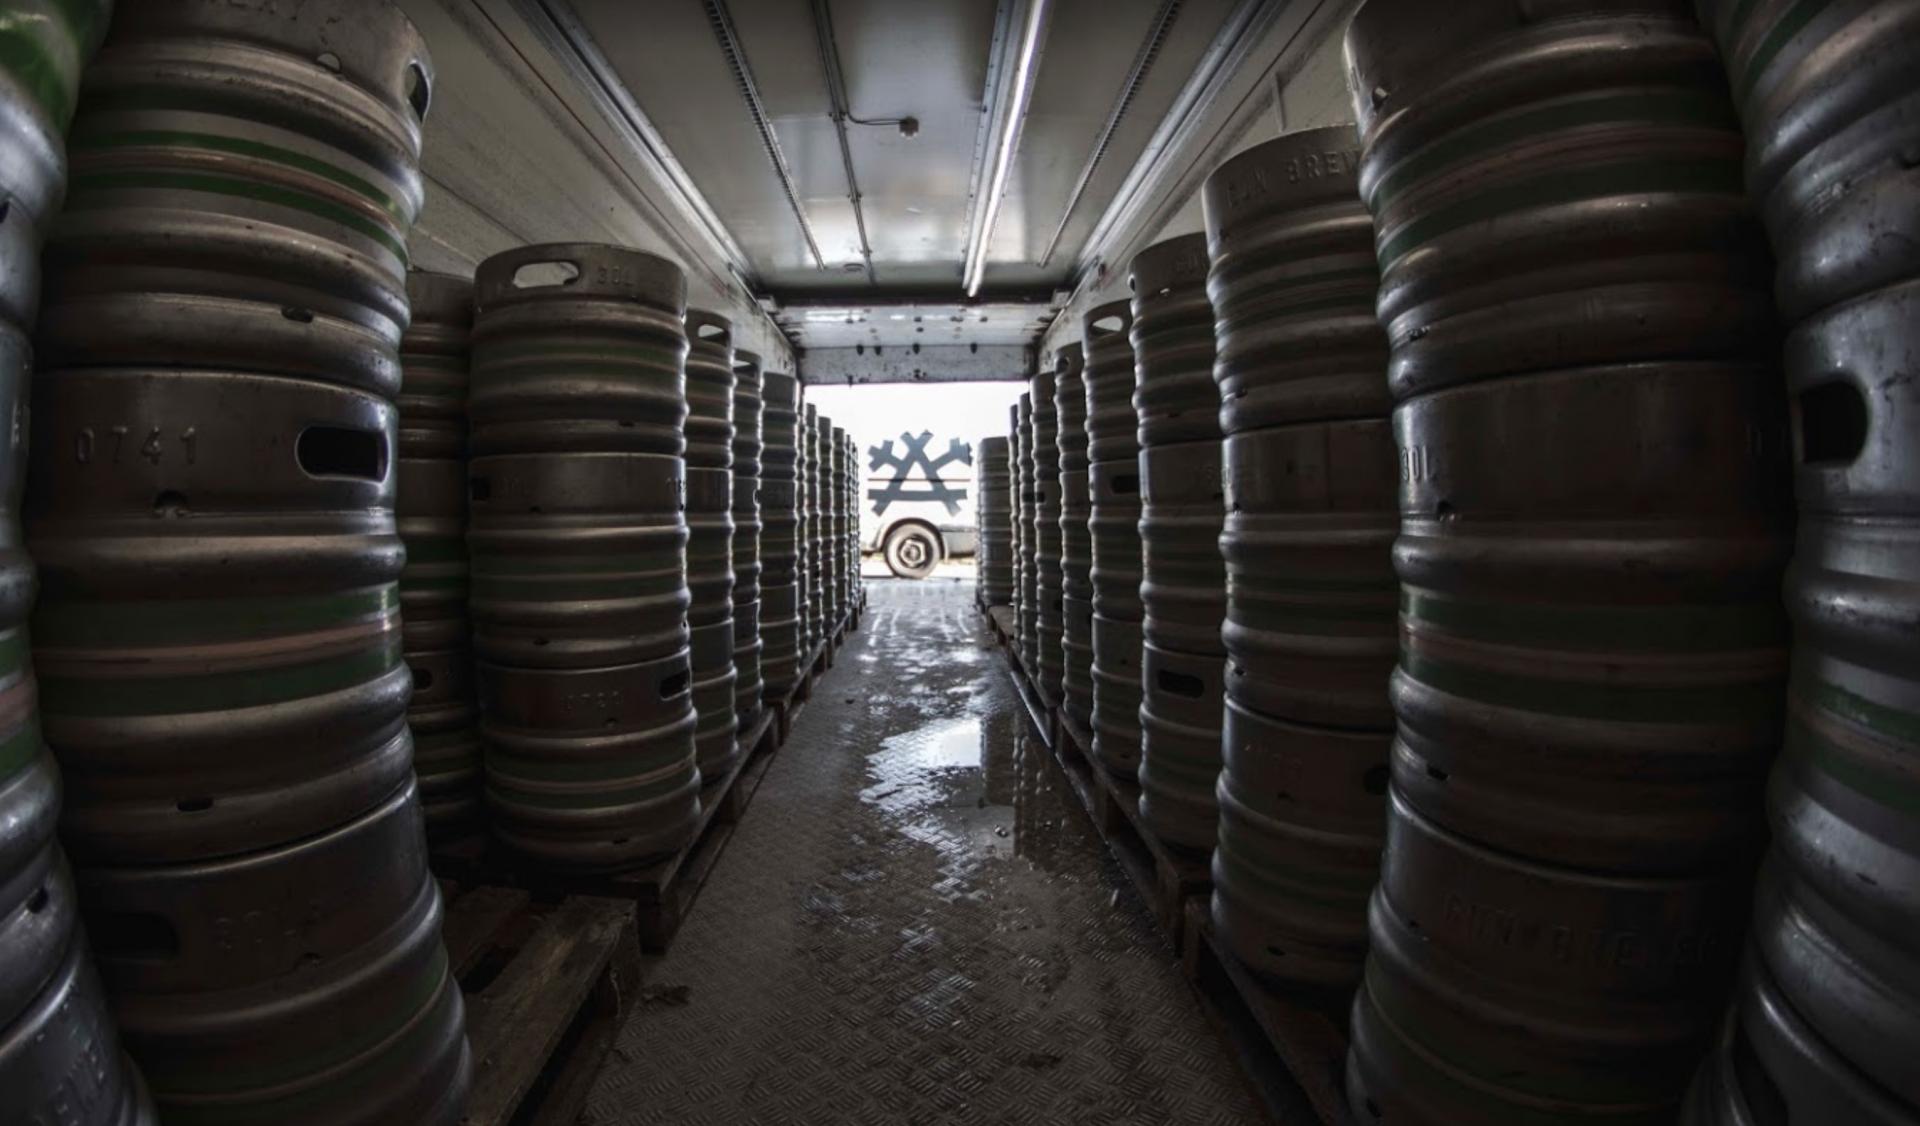 gun brewery casks in storage